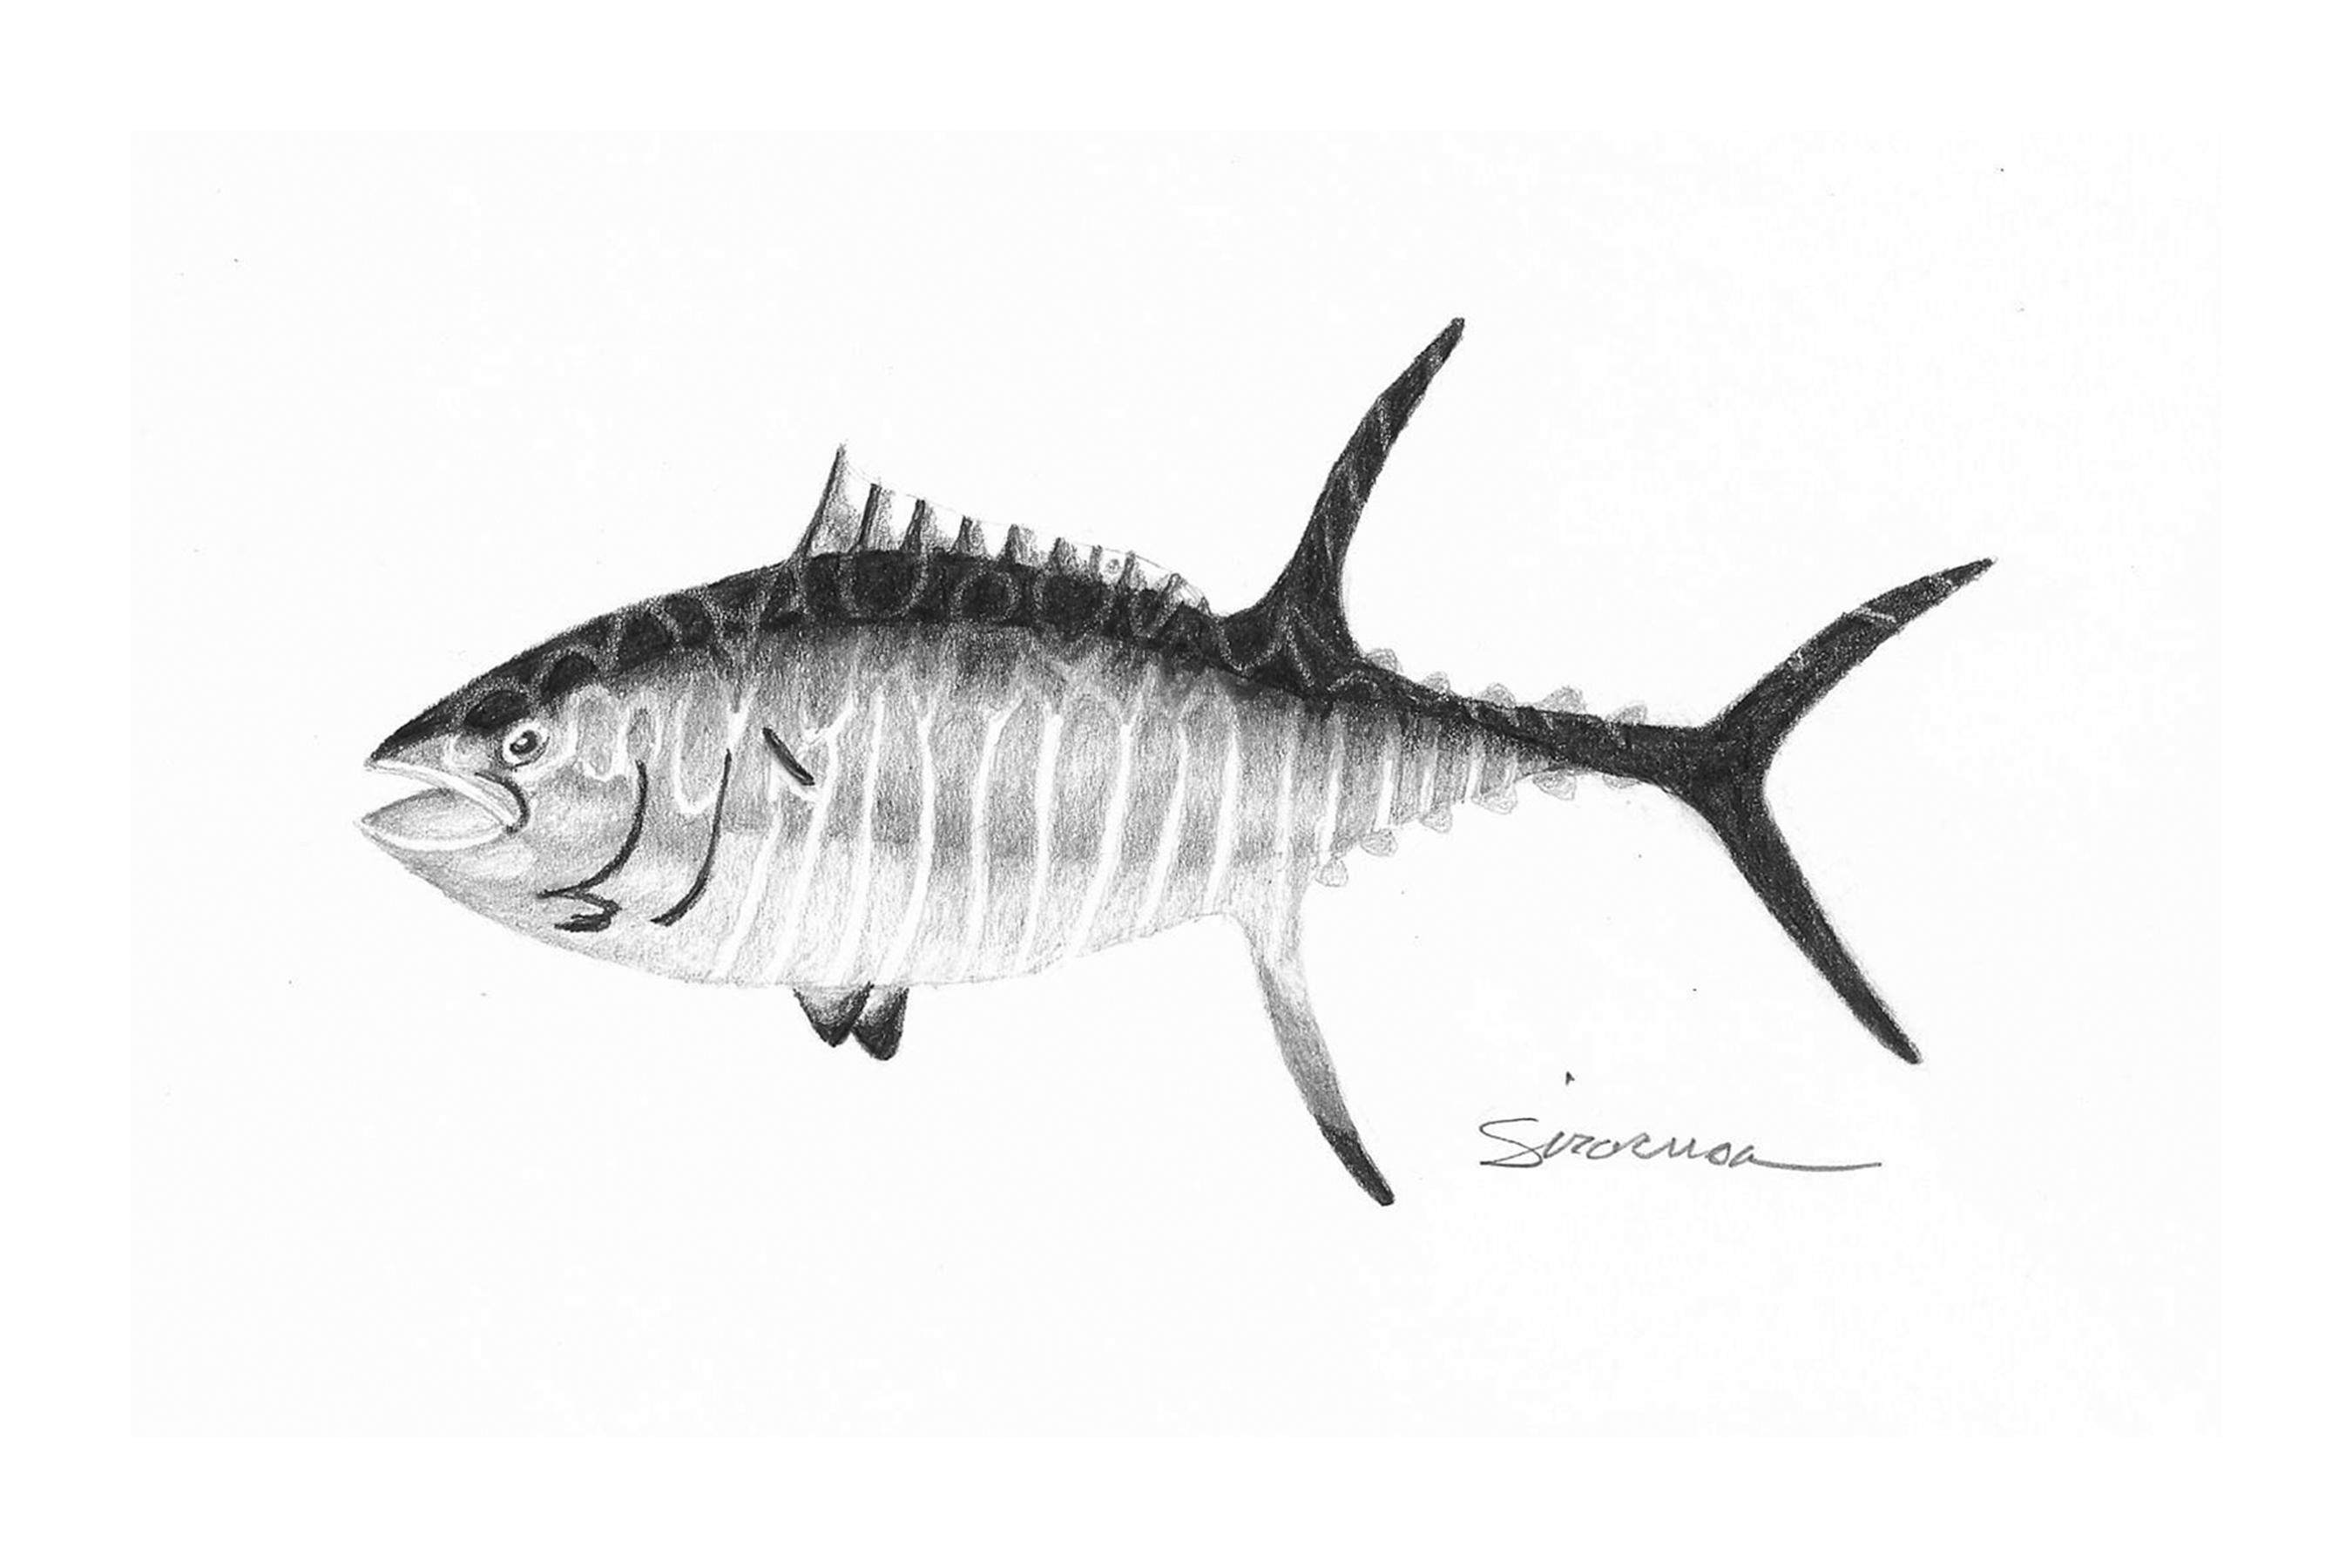 Yellow fin tuna drawing qhegqv